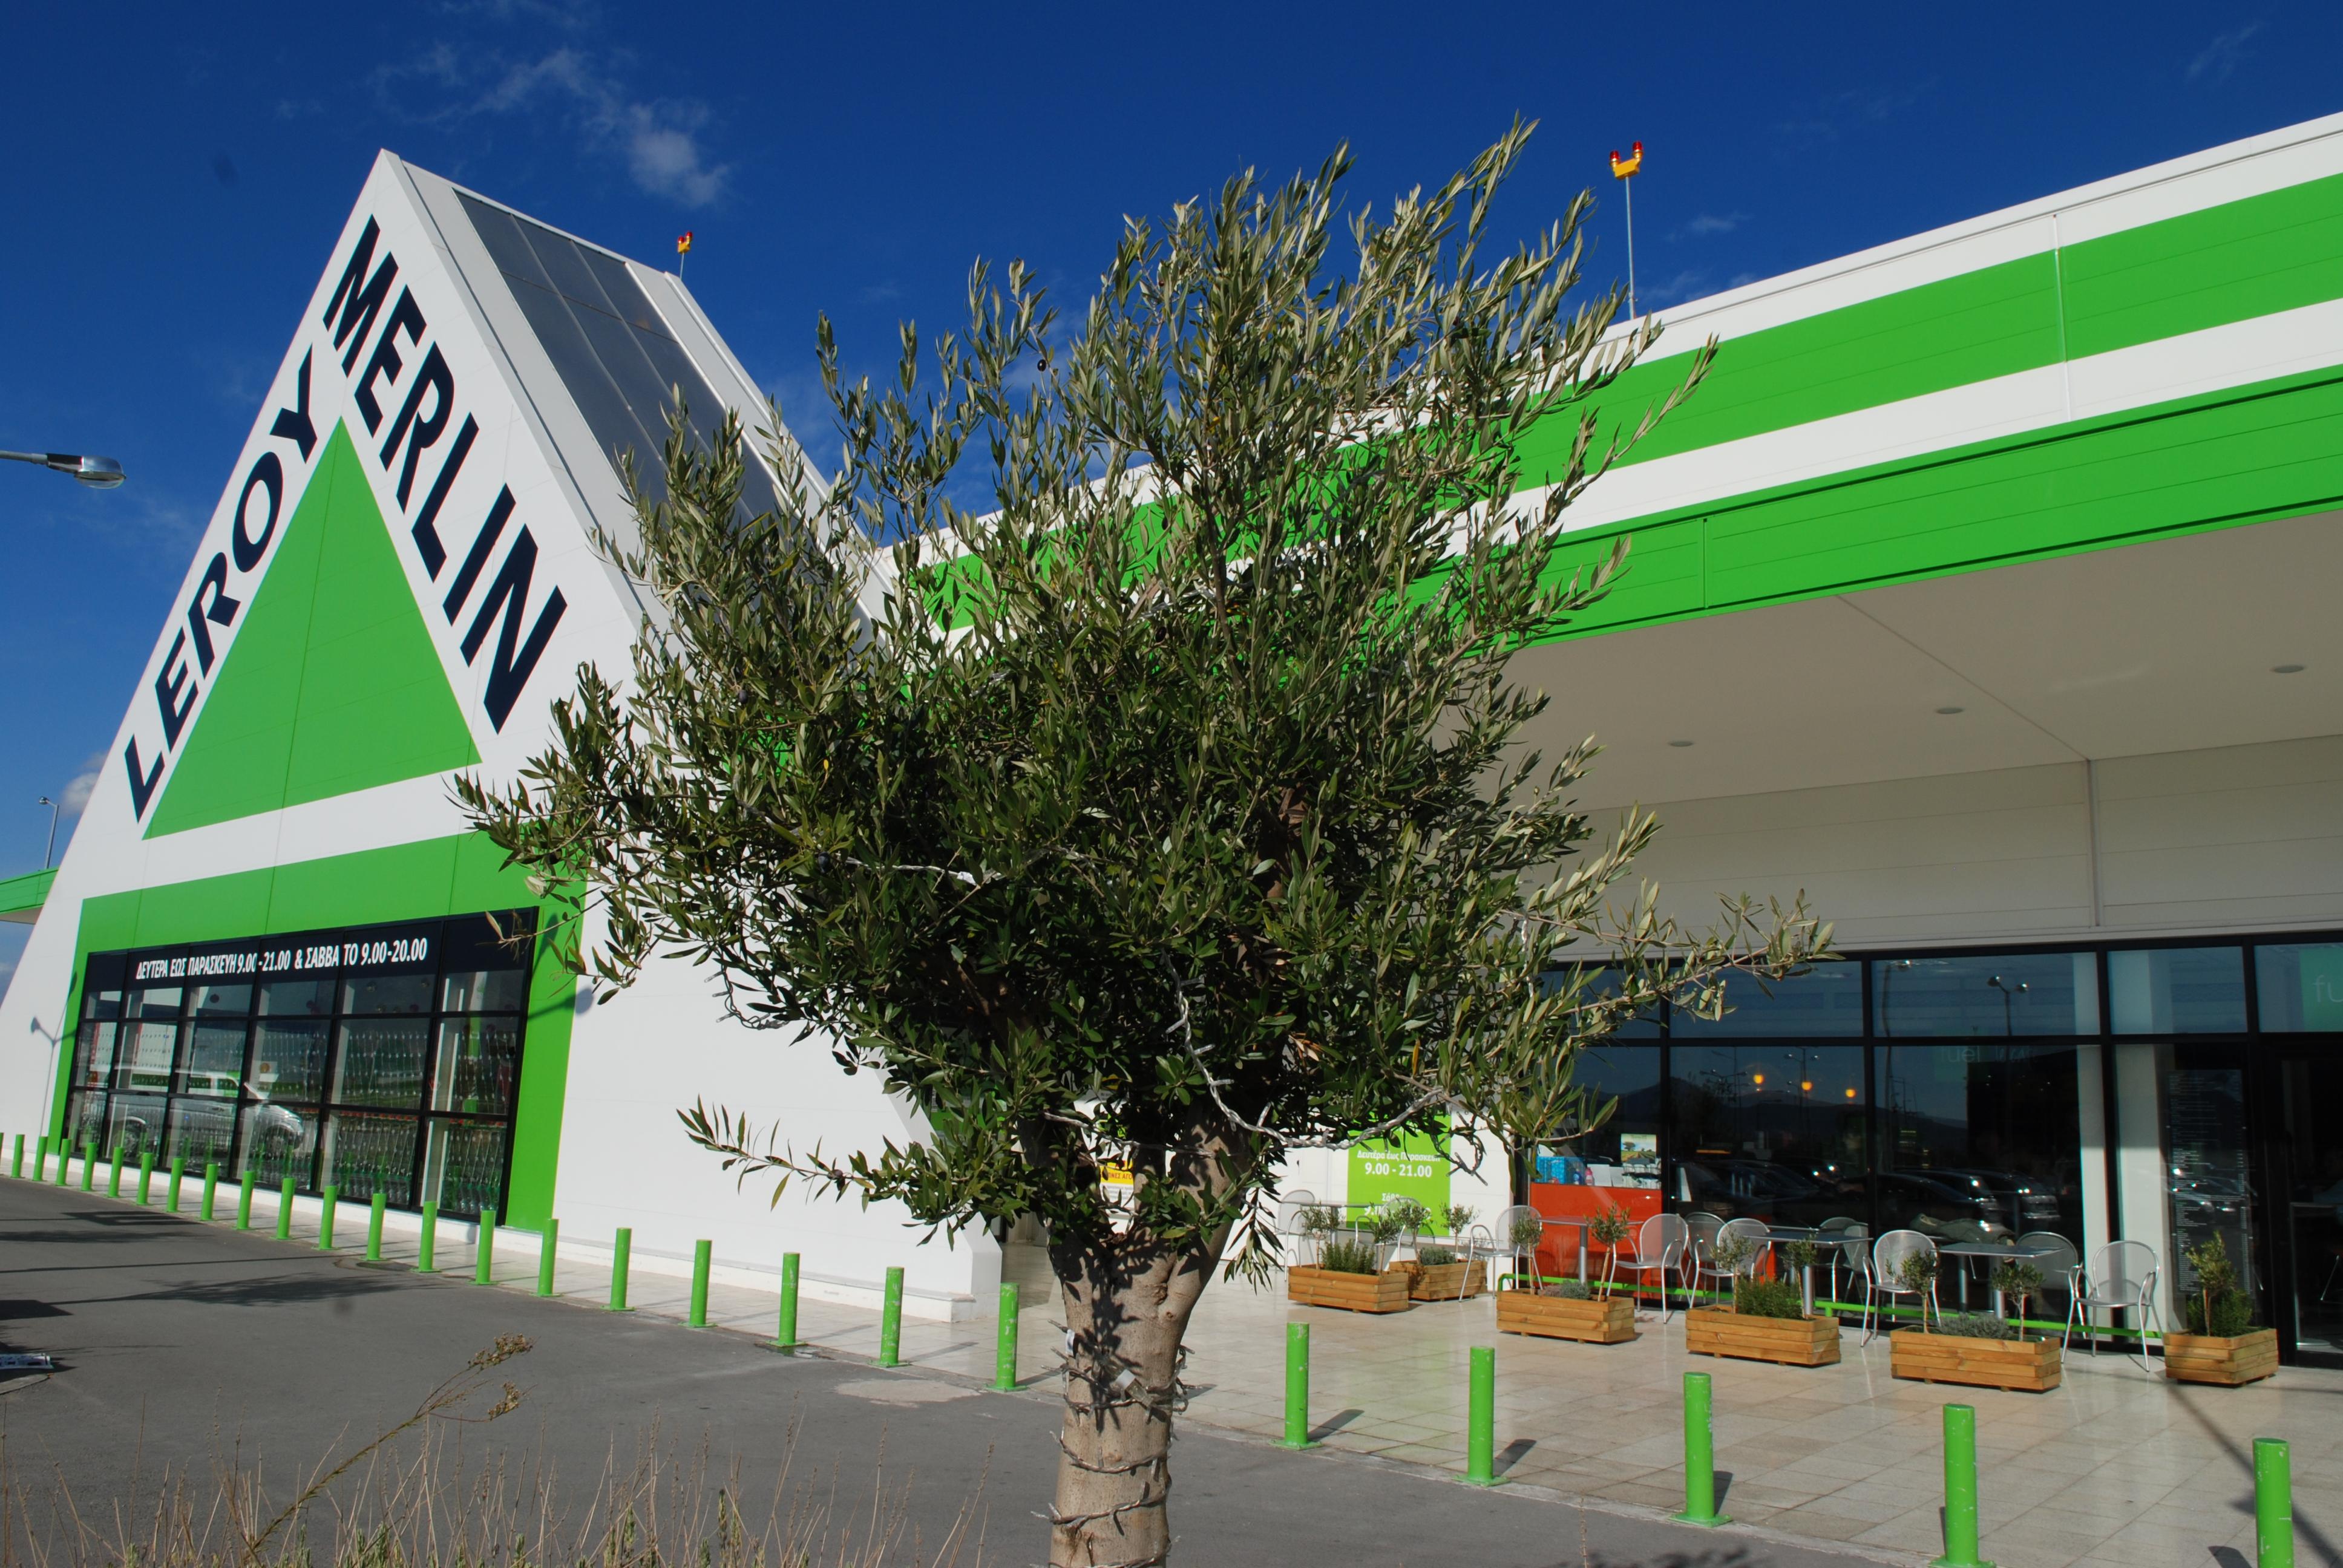 Leroy merlin abrir una tienda en a coru a por 22 millones for Jardineria leroy merlin